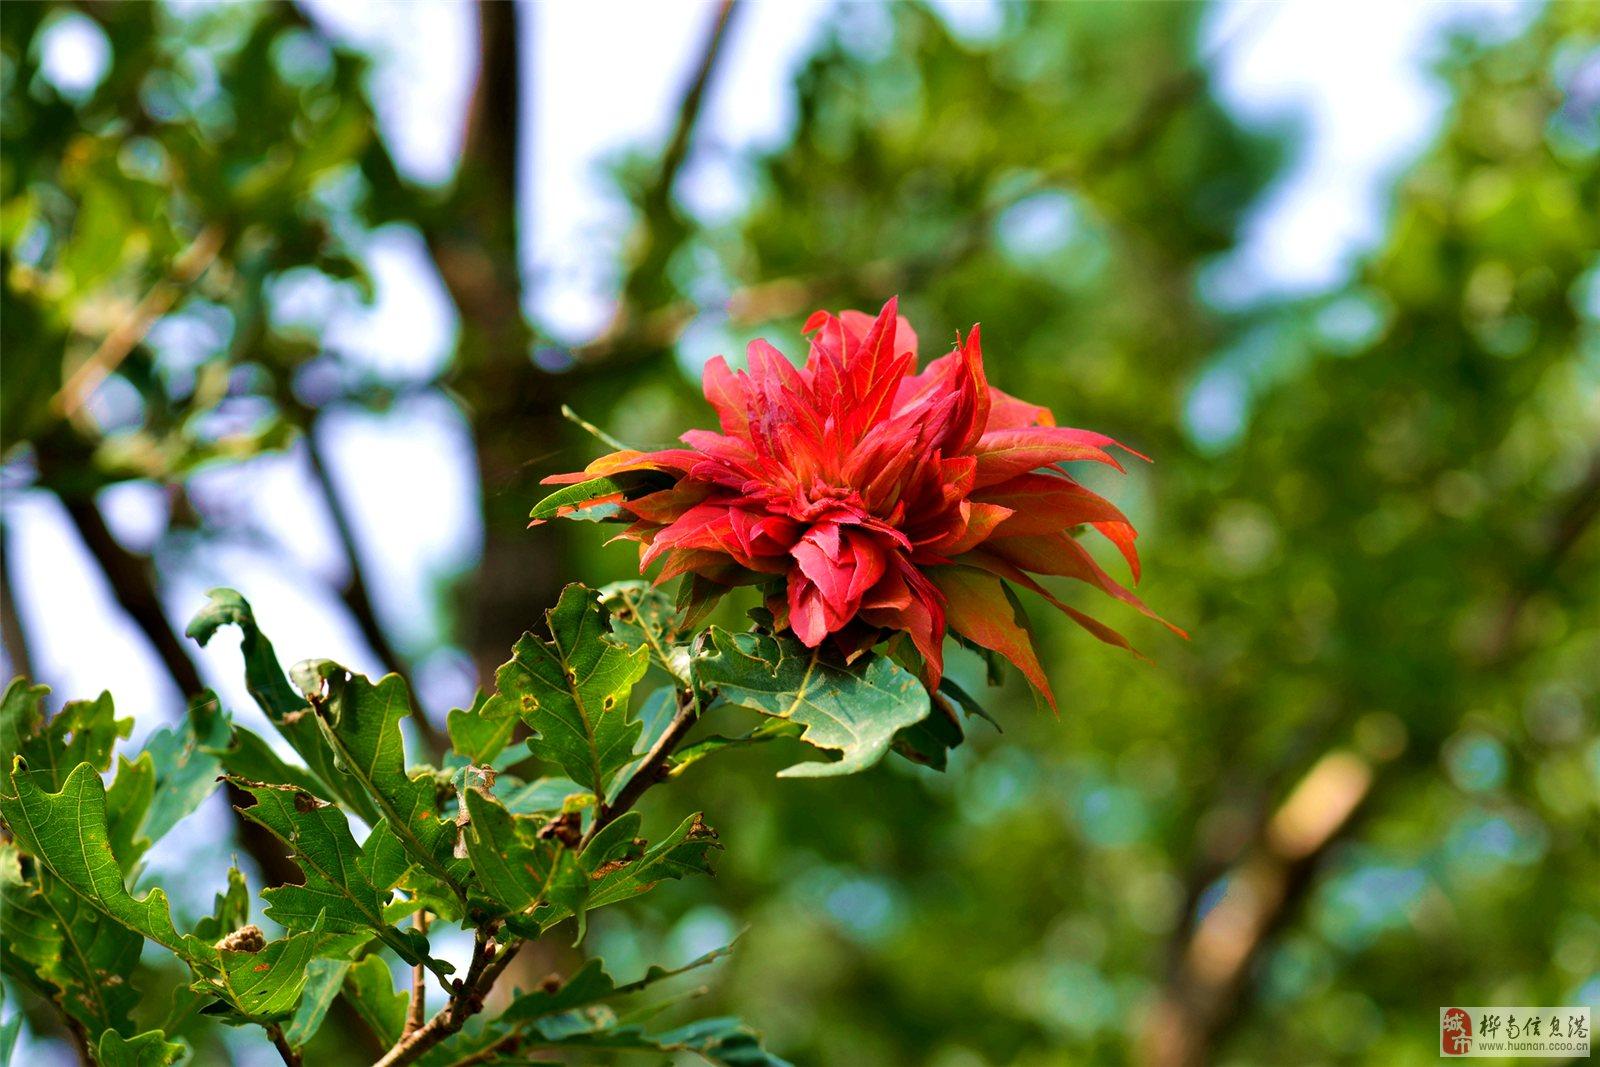 今天去野外拍片时突然发现一棵柞树枝上有一个红的东西开始以为是叶红了.走近一看是-朵花,当时很惊奇.柞树怎么能开花呢? 我从小就生长在林区.从事林业工作近40年从来沒见过柞树开花,真是太神奇了.赶紧拍了下来,回来让都是从事林业工作的同事看都说从来沒见过柞树开花。我把这张图片发上来请大家欣赏,也请从事林业工作的同行们多留意.